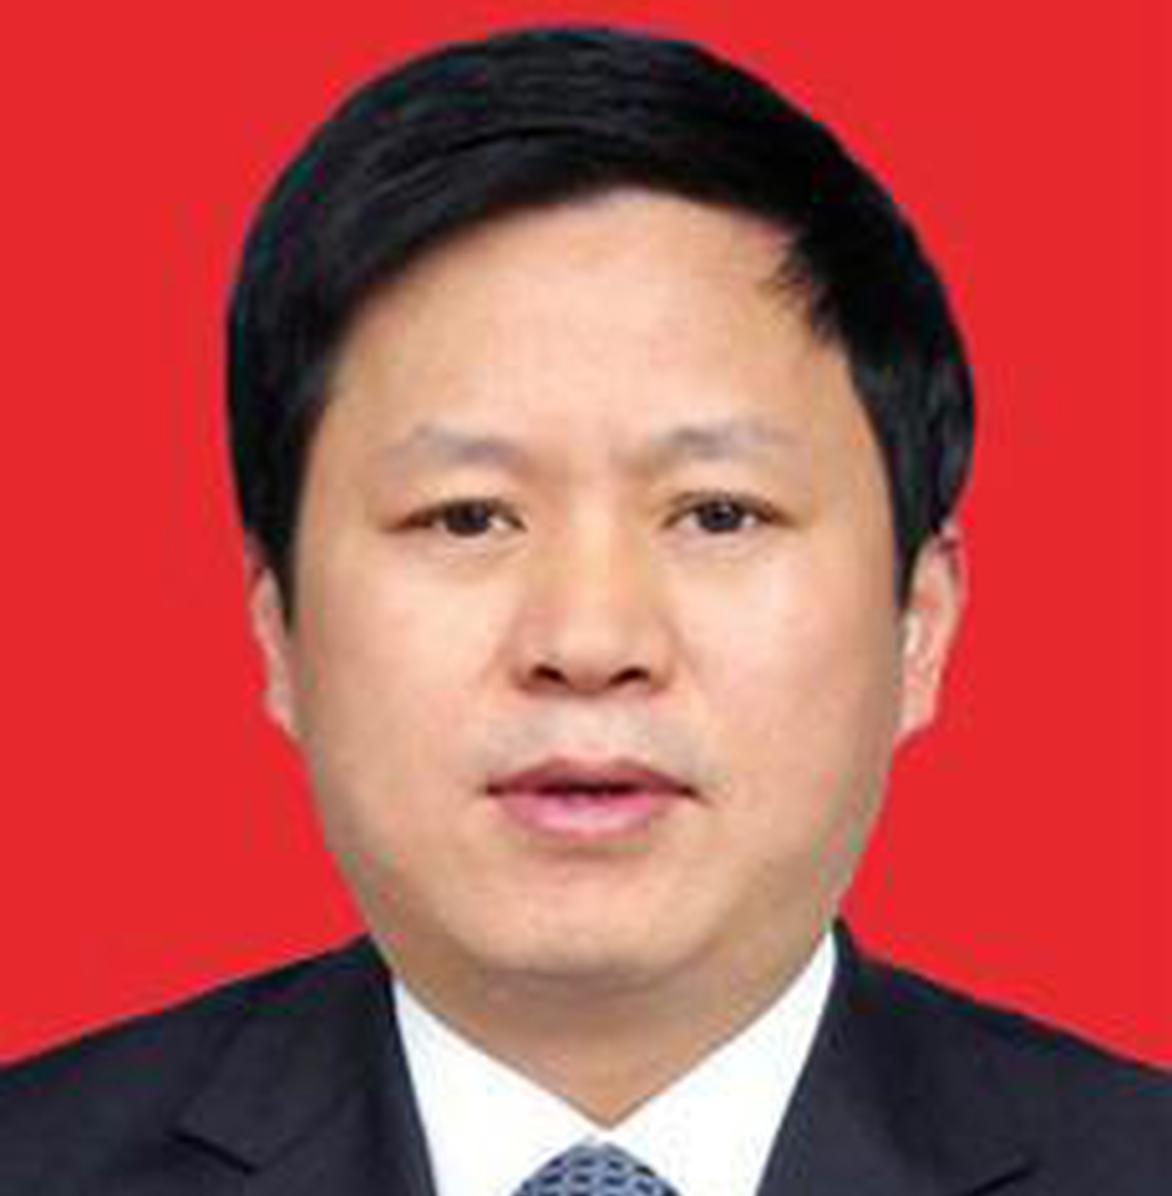 贺辉、杨智华任益阳市副市长 熊炜、刘国龙不再担任